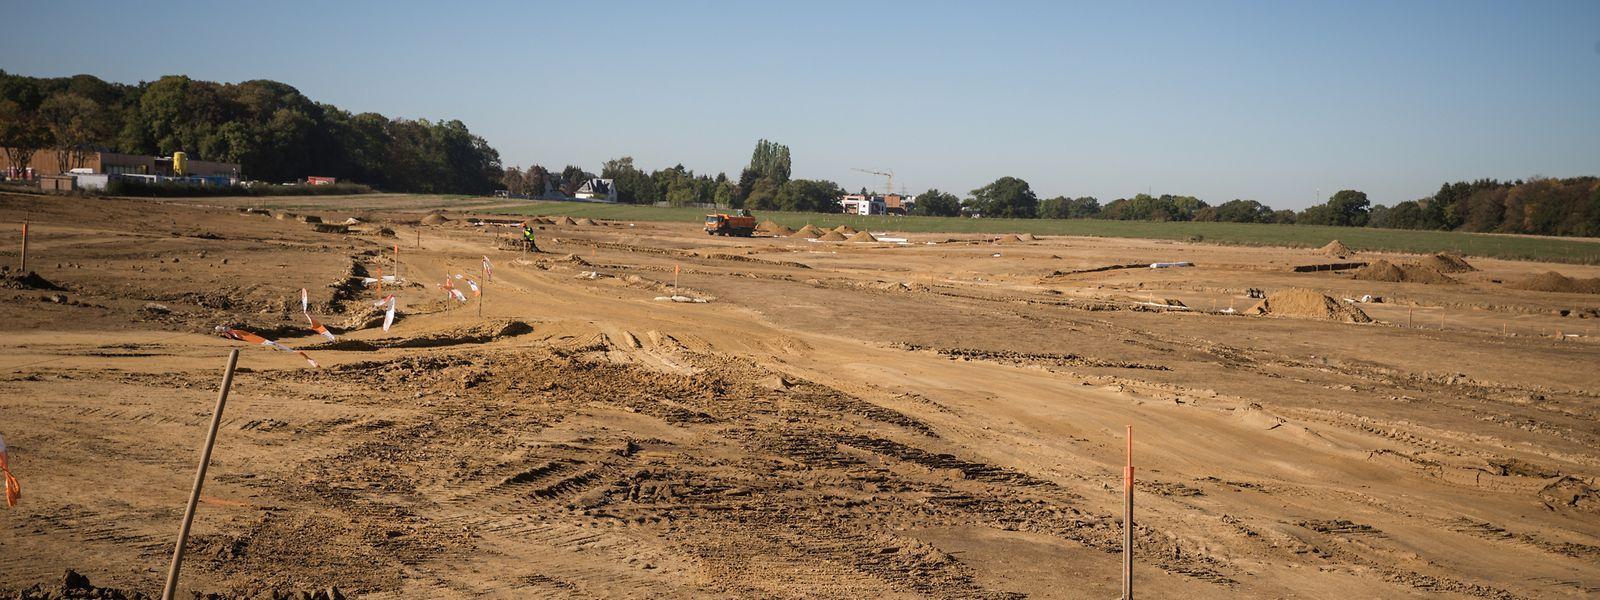 Beeindruckend wirkt die Größe der Fläche, auf der Elmen entsteht. Die Vorarbeiten sind Planier-, keine Aushubarbeiten, da die Gebäude kaum unterkellert werden. Dies um Bauschutt zu vermeiden.